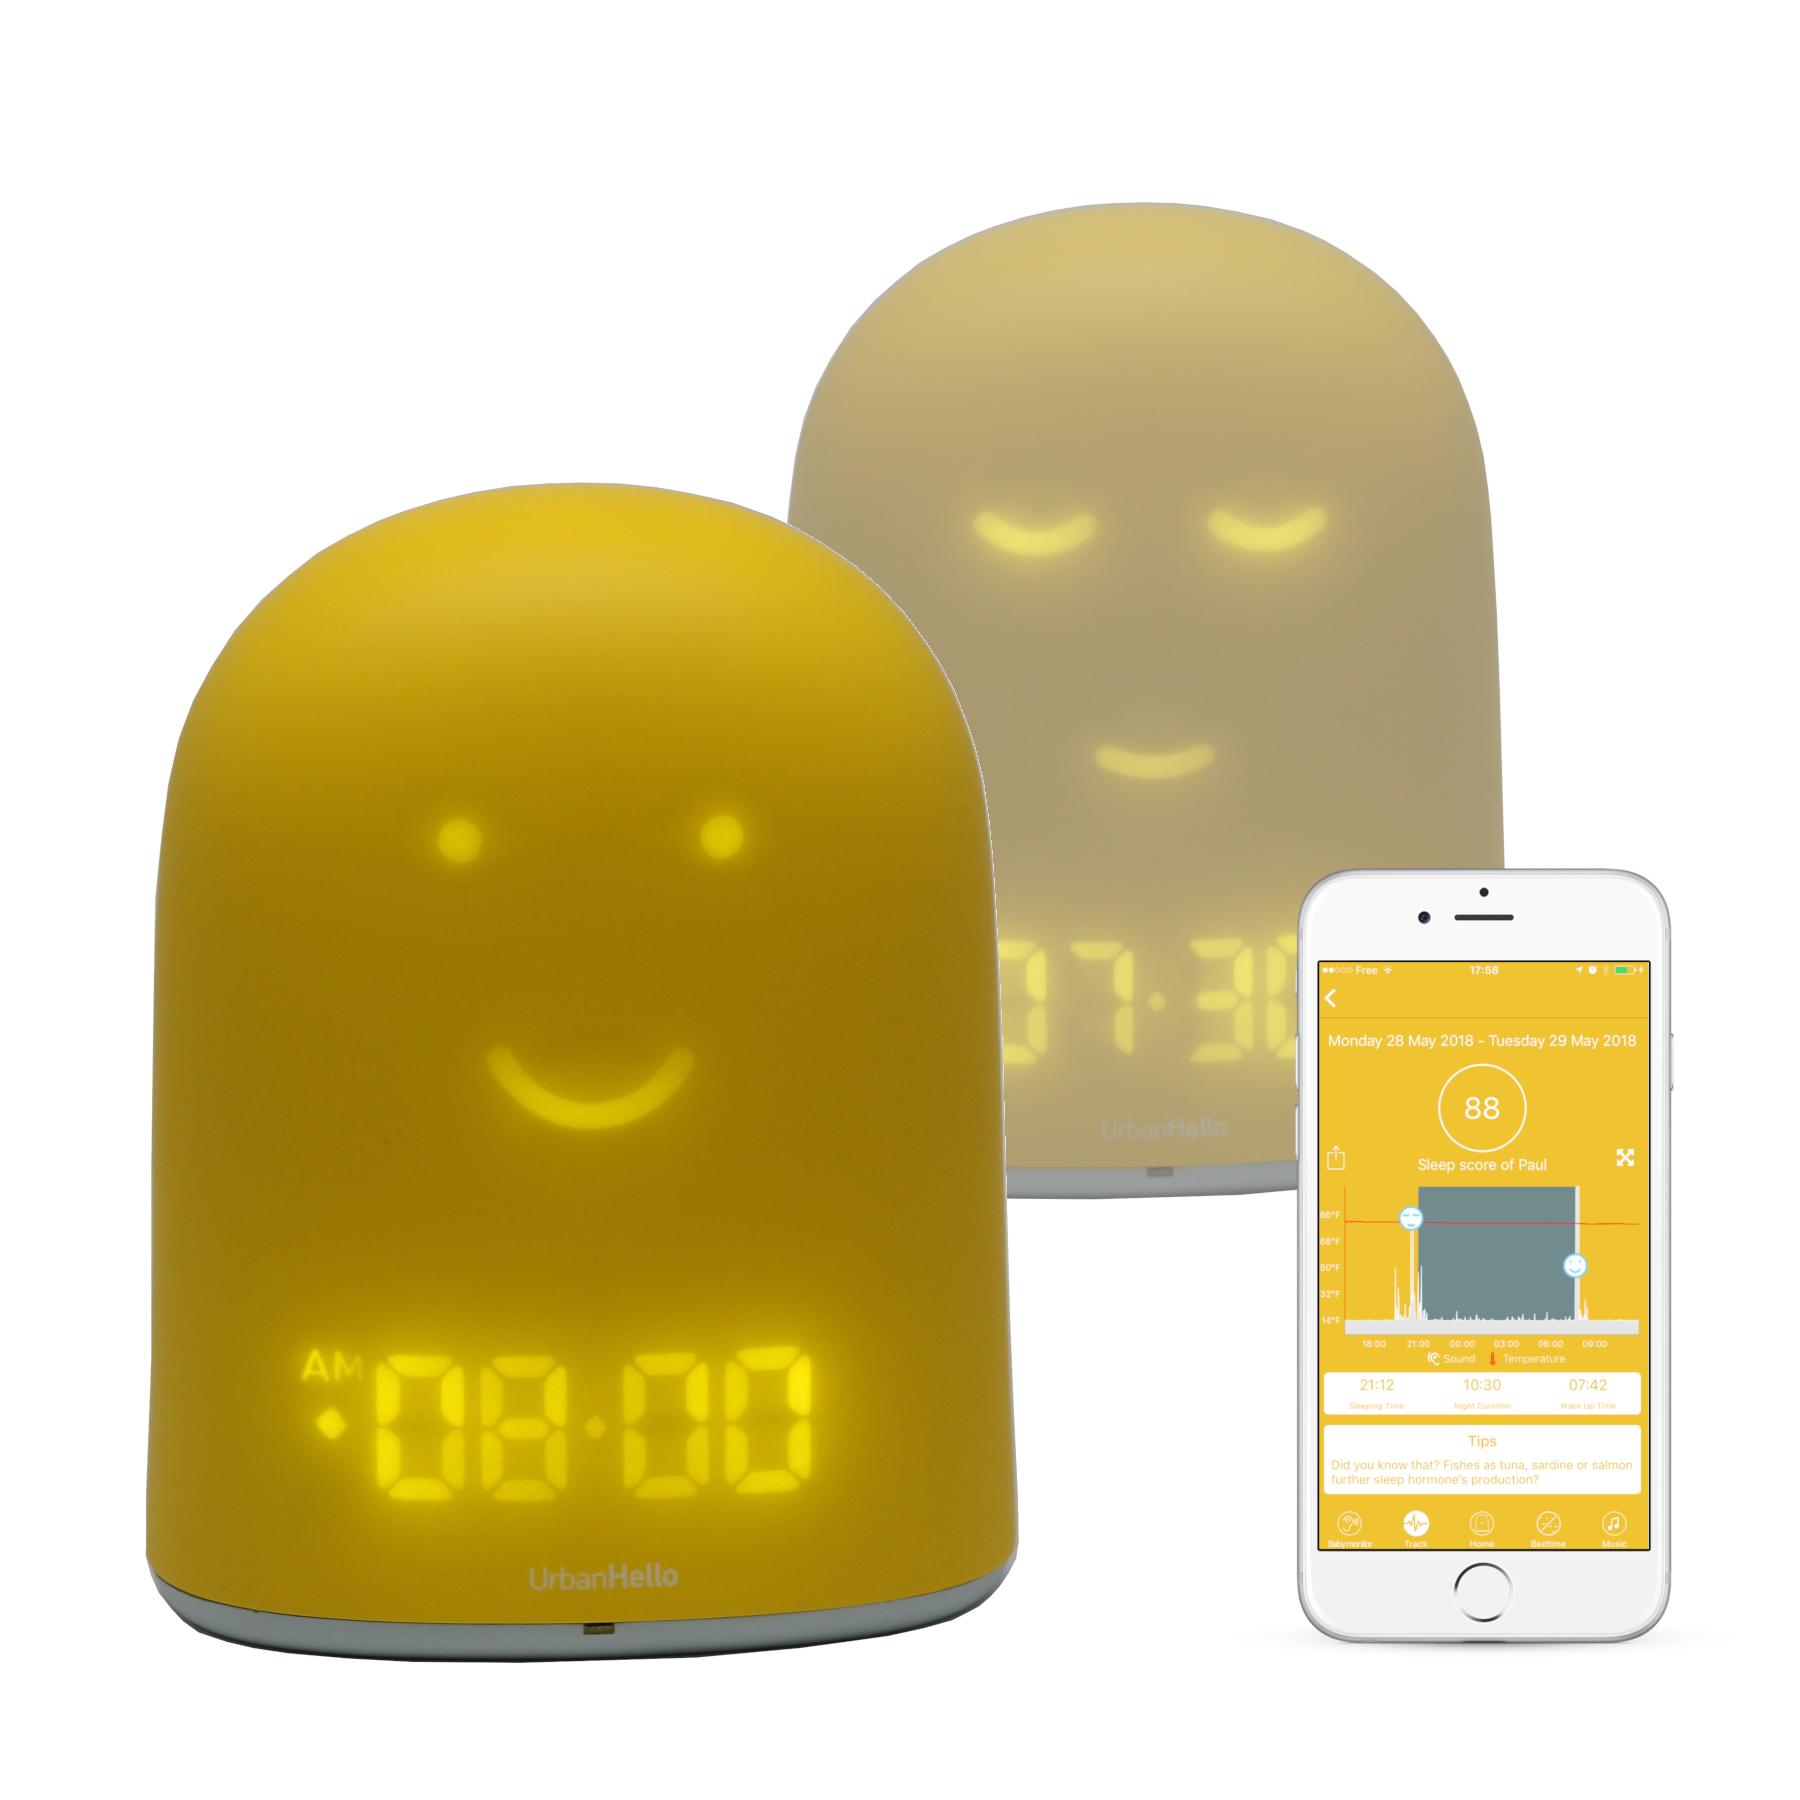 REMI Jaune - Le Meilleur Réveil Enfant Jour Nuit éducatif pour apprendre à dormir plus - Suivi du sommeil - Babyphone - Veilleuse - Enceinte musique